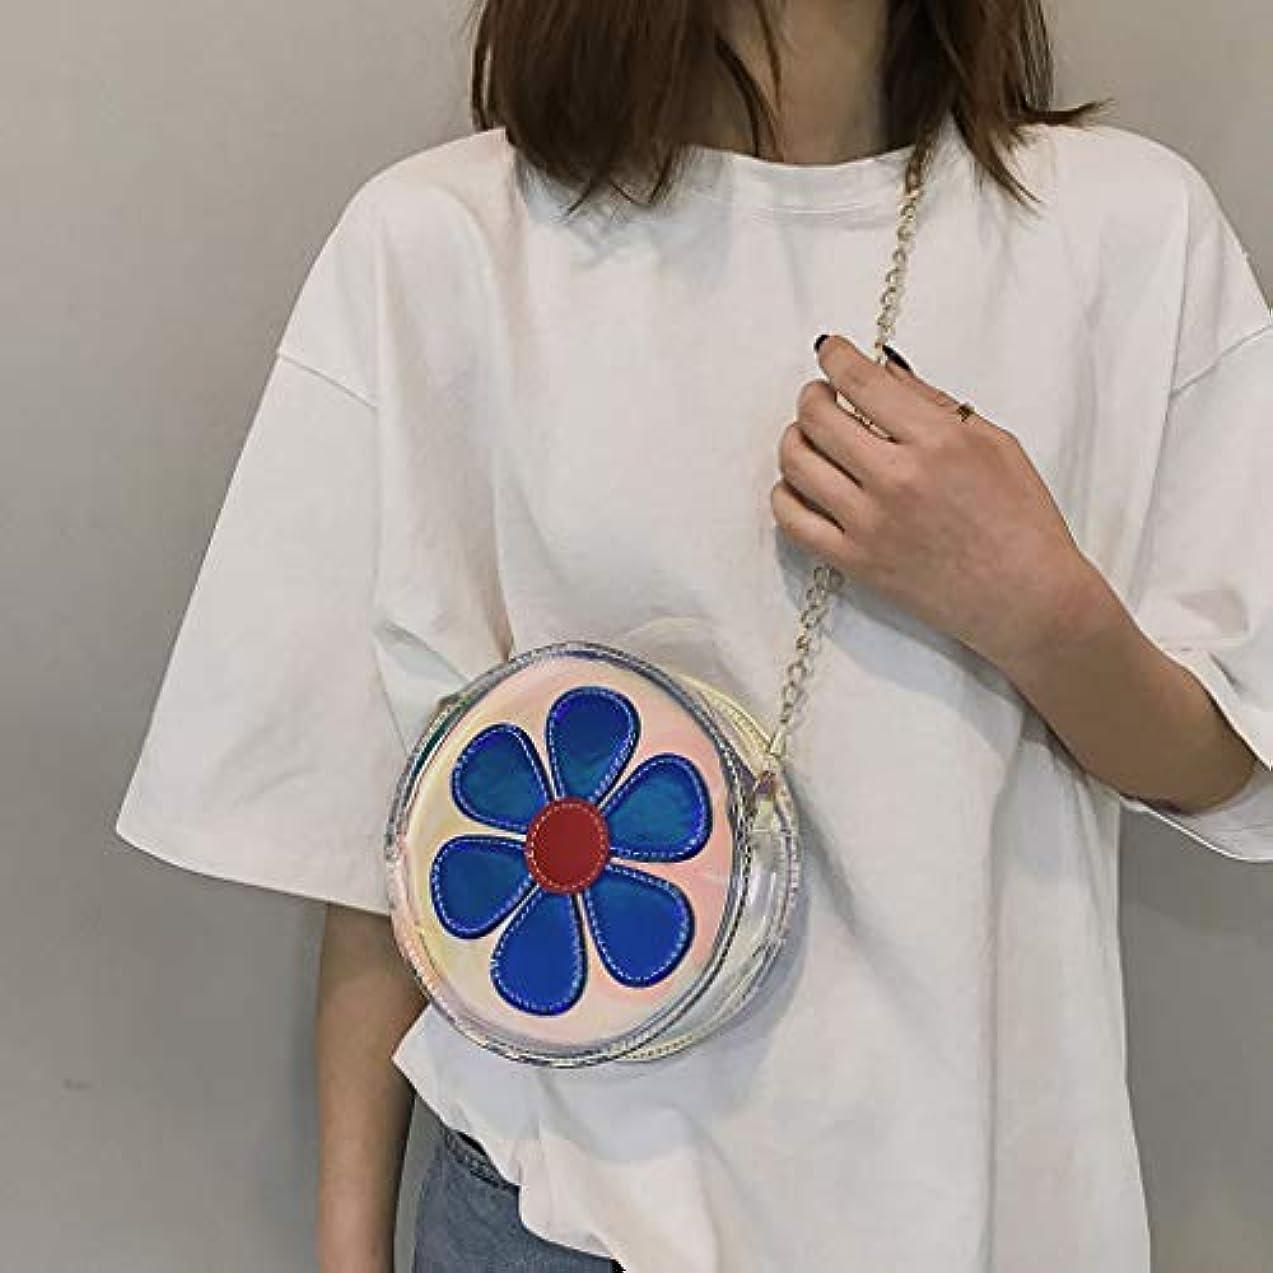 路地詐欺師女性カジュアル野生透明花かわいいショルダーバッグメッセンジャーバッグ、ファッション女性透明レーザーフラワーショルダーバッグメッセンジャーバッグ (ブルー)